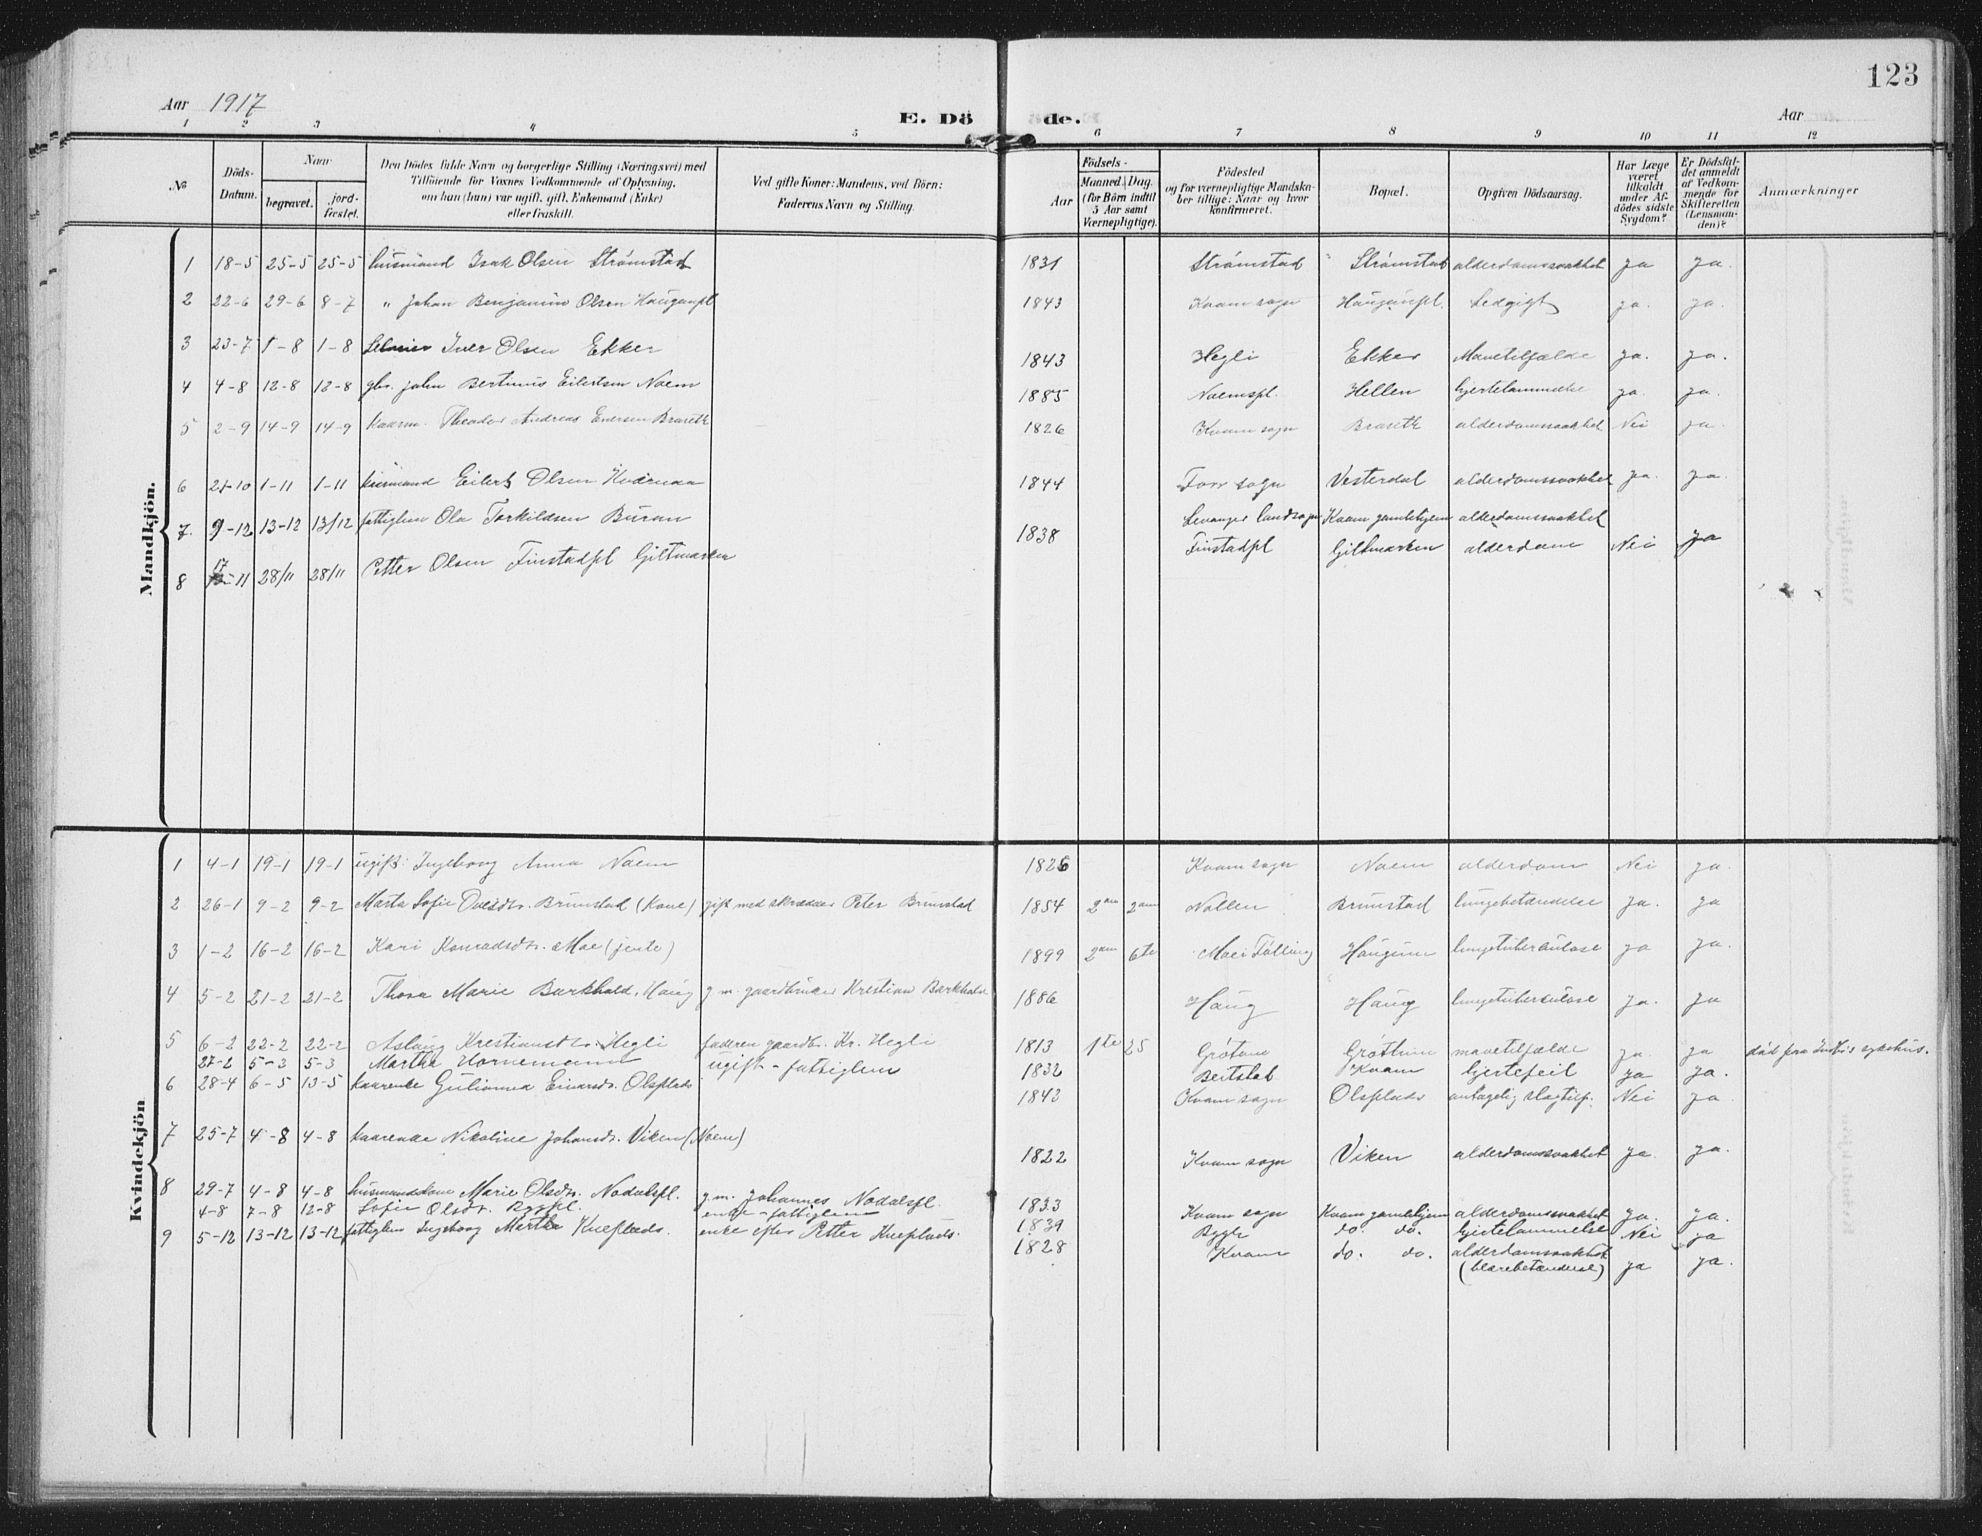 SAT, Ministerialprotokoller, klokkerbøker og fødselsregistre - Nord-Trøndelag, 747/L0460: Klokkerbok nr. 747C02, 1908-1939, s. 123